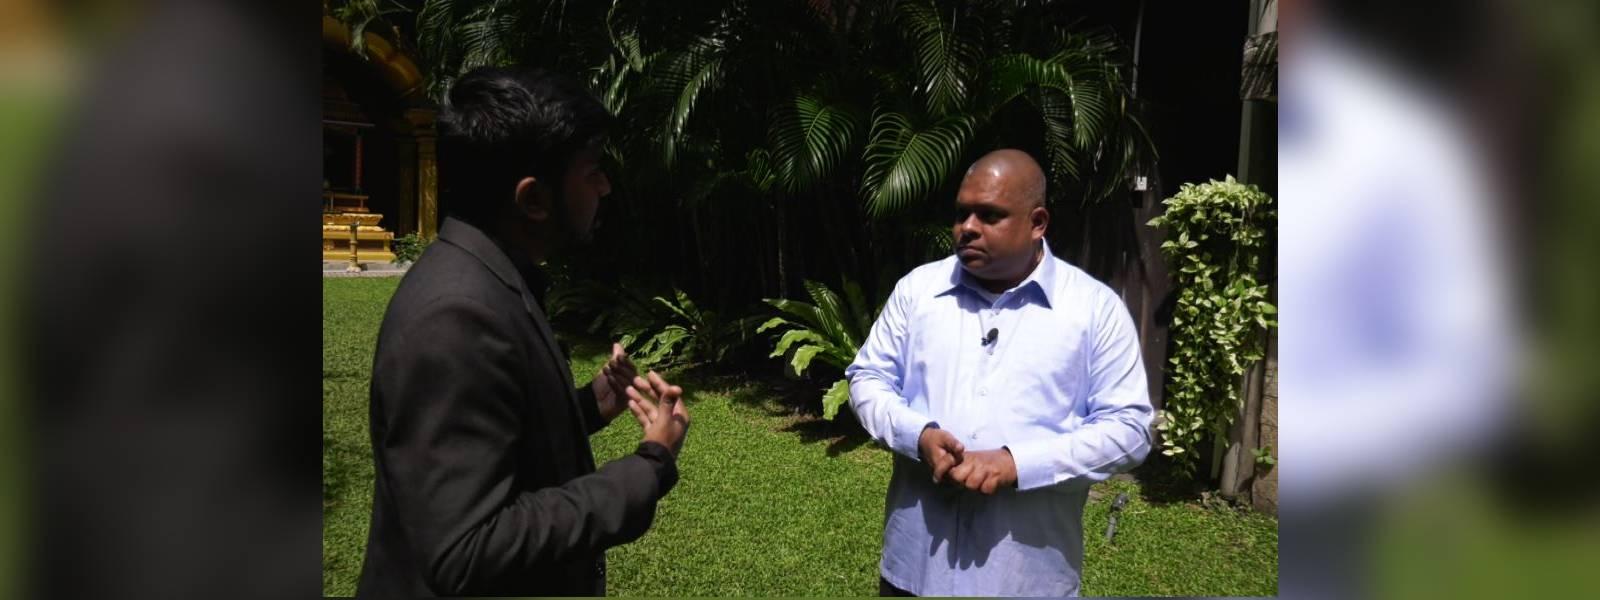 Sajin Vass Gunawardena says he will support SJB in Parliament